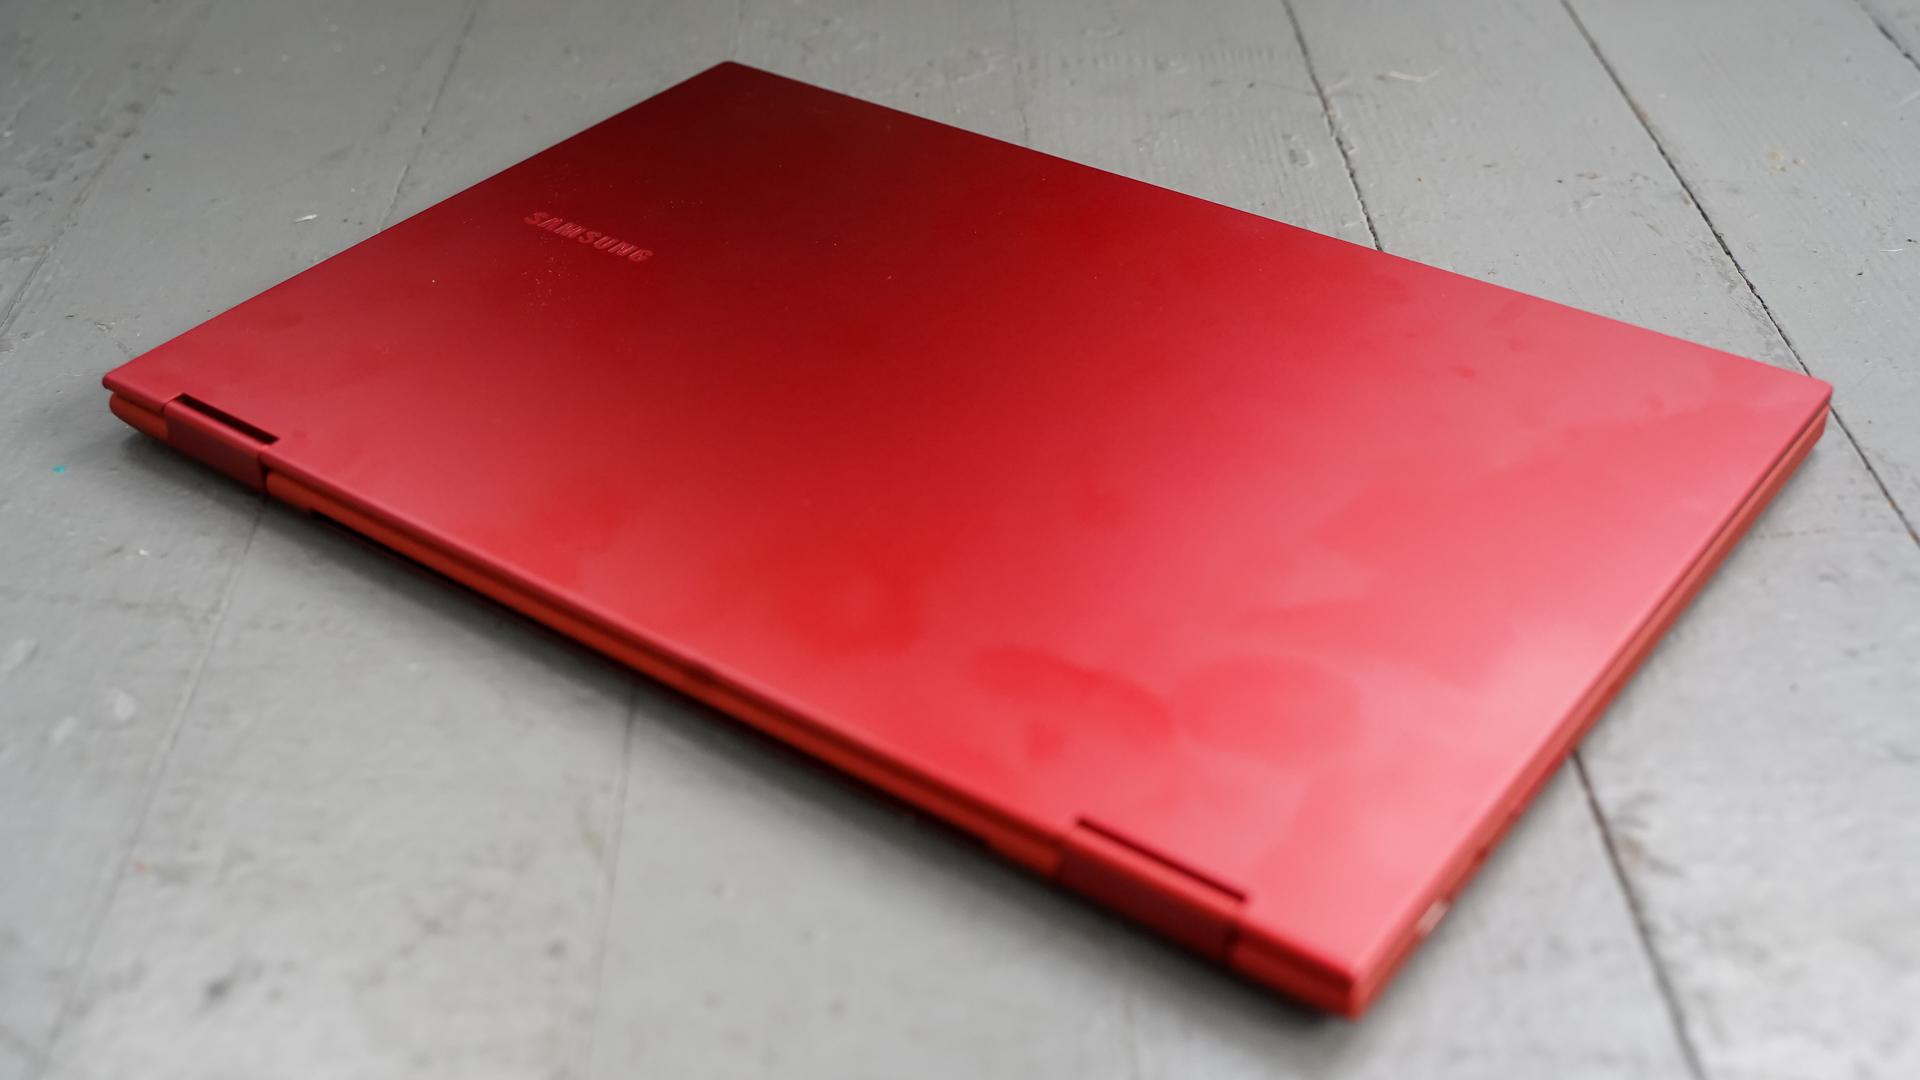 Samsung Galaxy Chromebook 2 lid closed